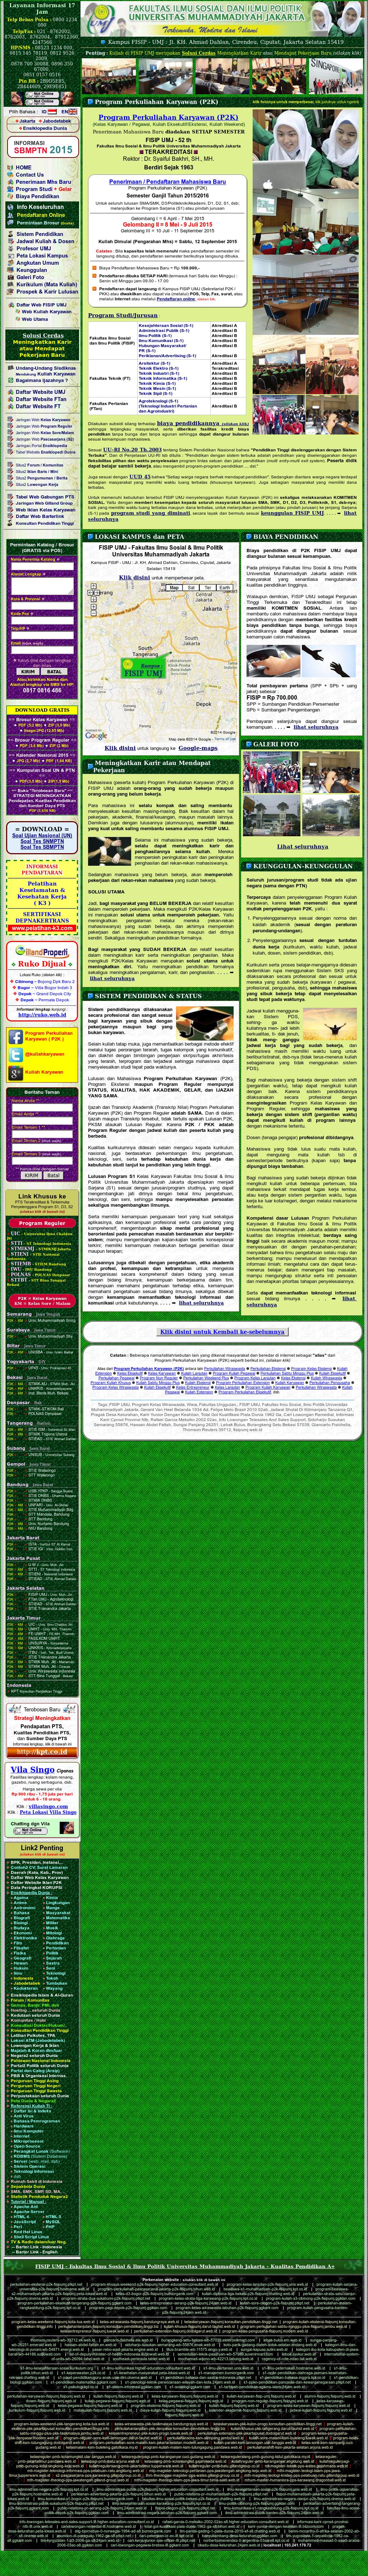 Download software edukasi dan ilmu pengetahuan.